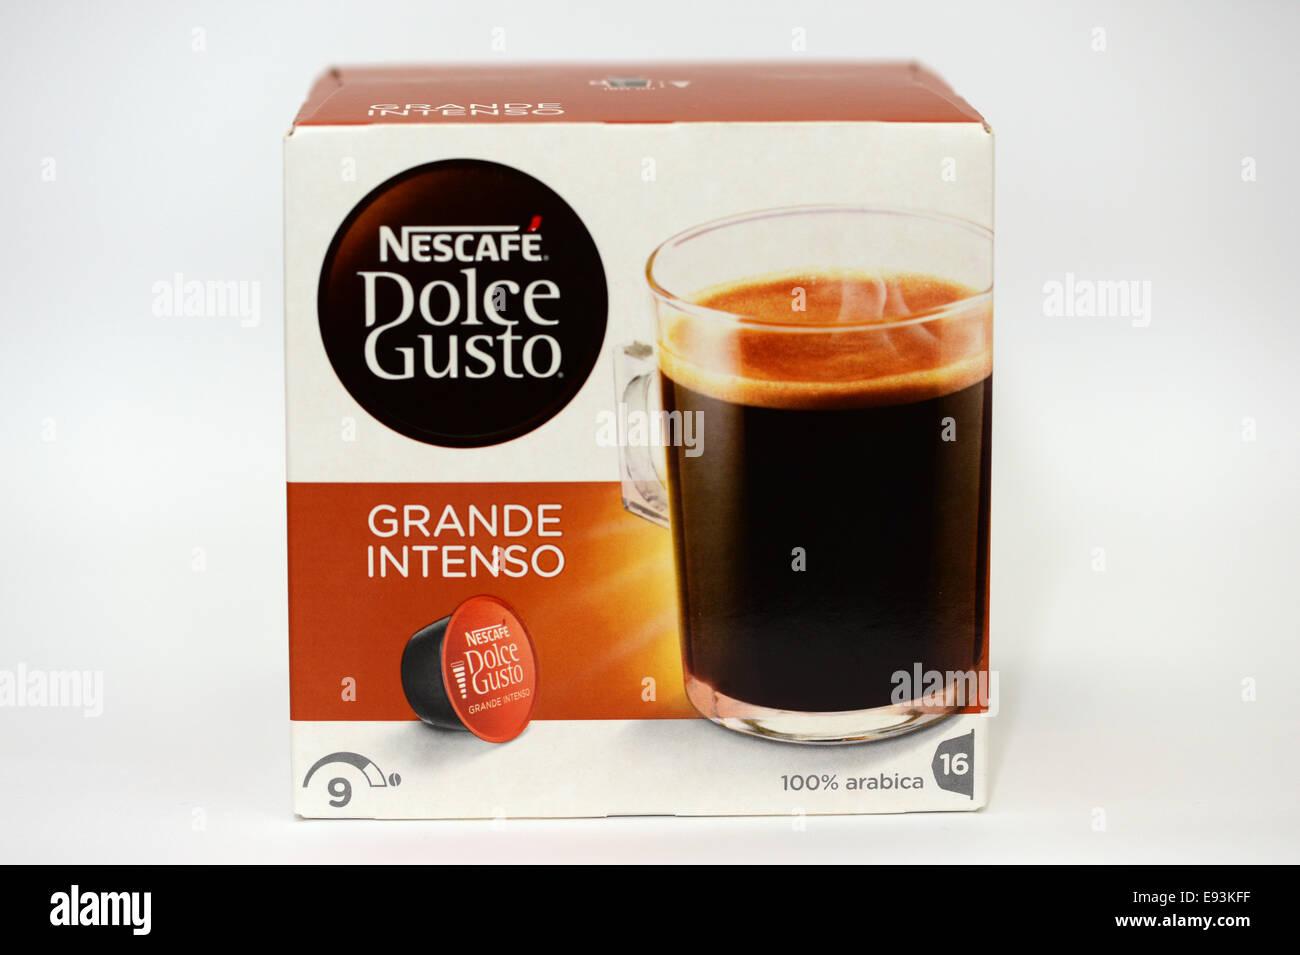 Nescafe Dolce Gusto macchina da caffè a cialde Immagini Stock